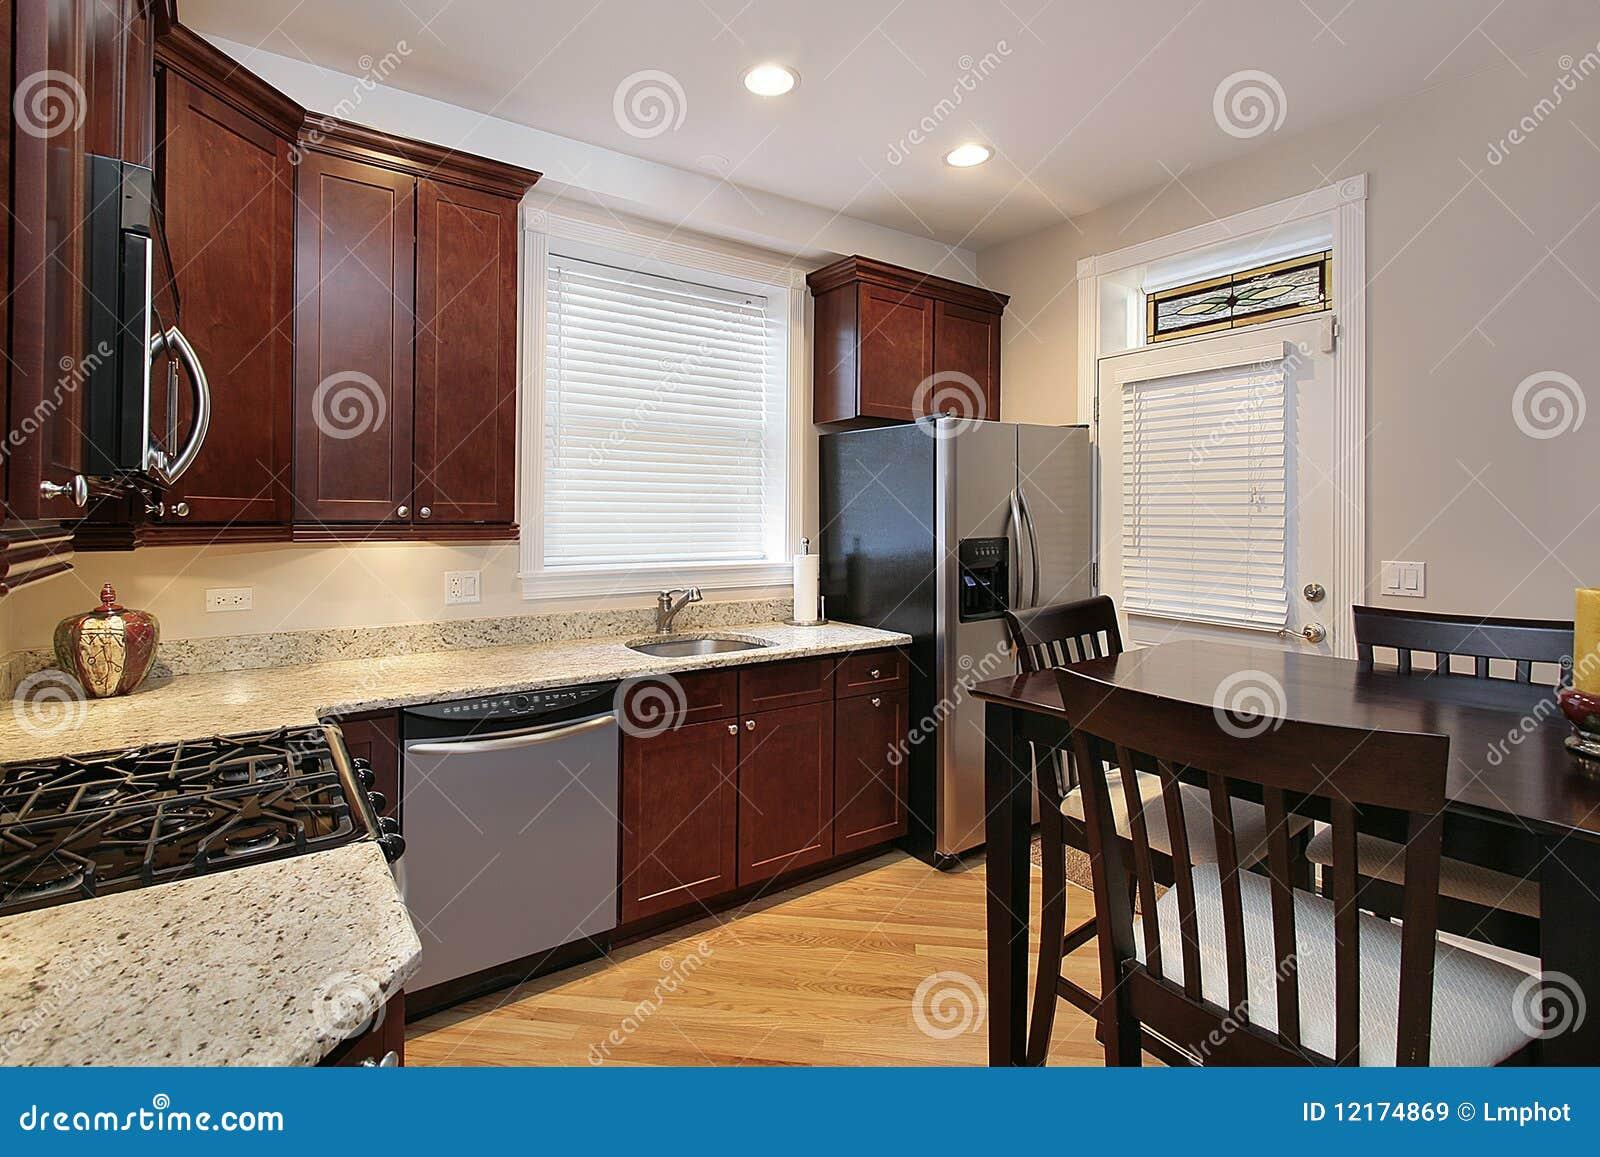 Keuken met cabinetry kersenhout stock afbeelding afbeelding 12174869 - Keuken met teller ...